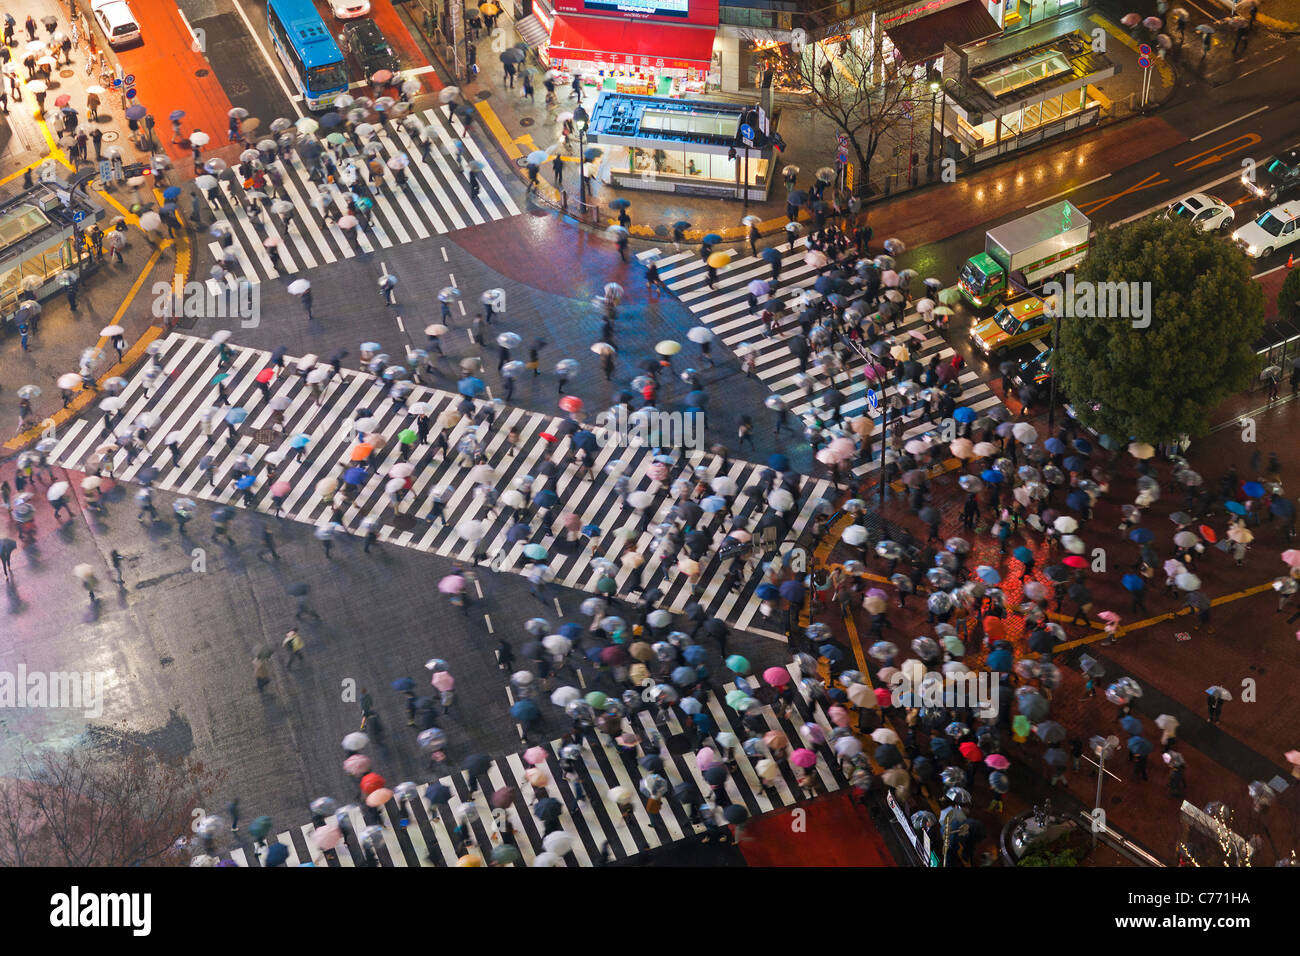 Ásia, Japão, Tóquio, Shibuya, Shibuya Crossing - multidões de pessoas que atravessam a famosa Imagens de Stock